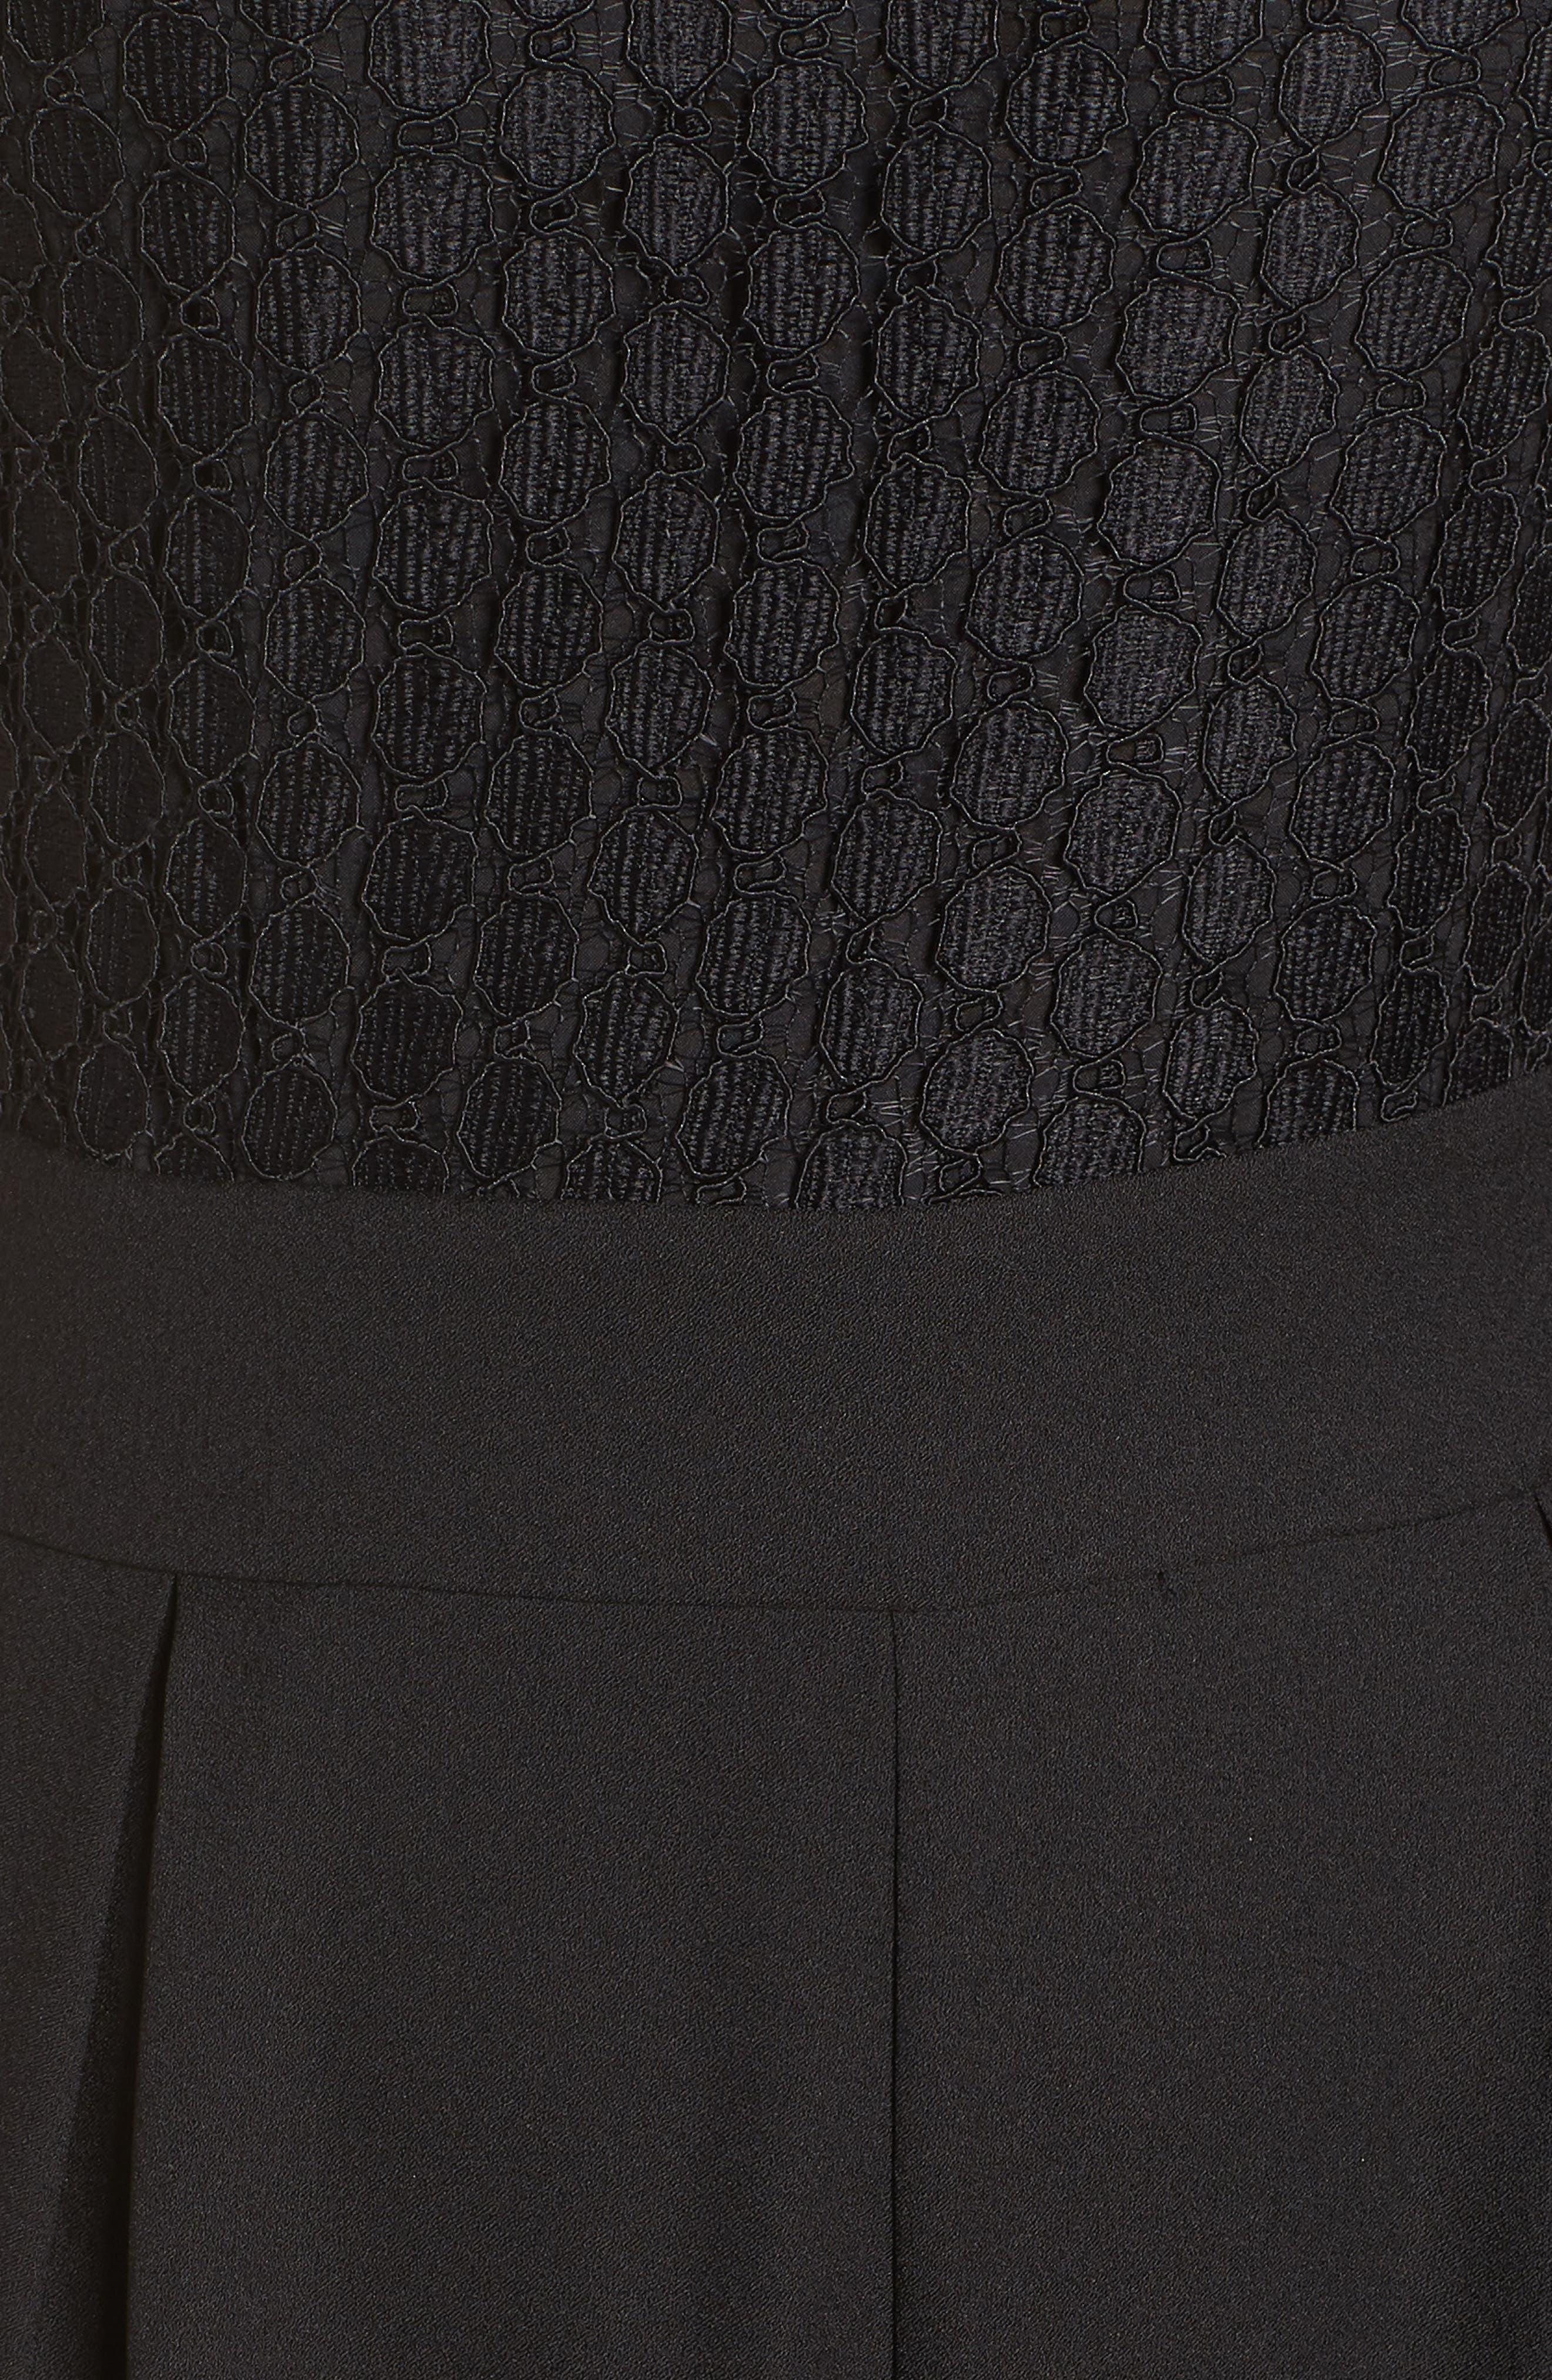 Lace Cropped Jumpsuit,                             Alternate thumbnail 6, color,                             BLACK